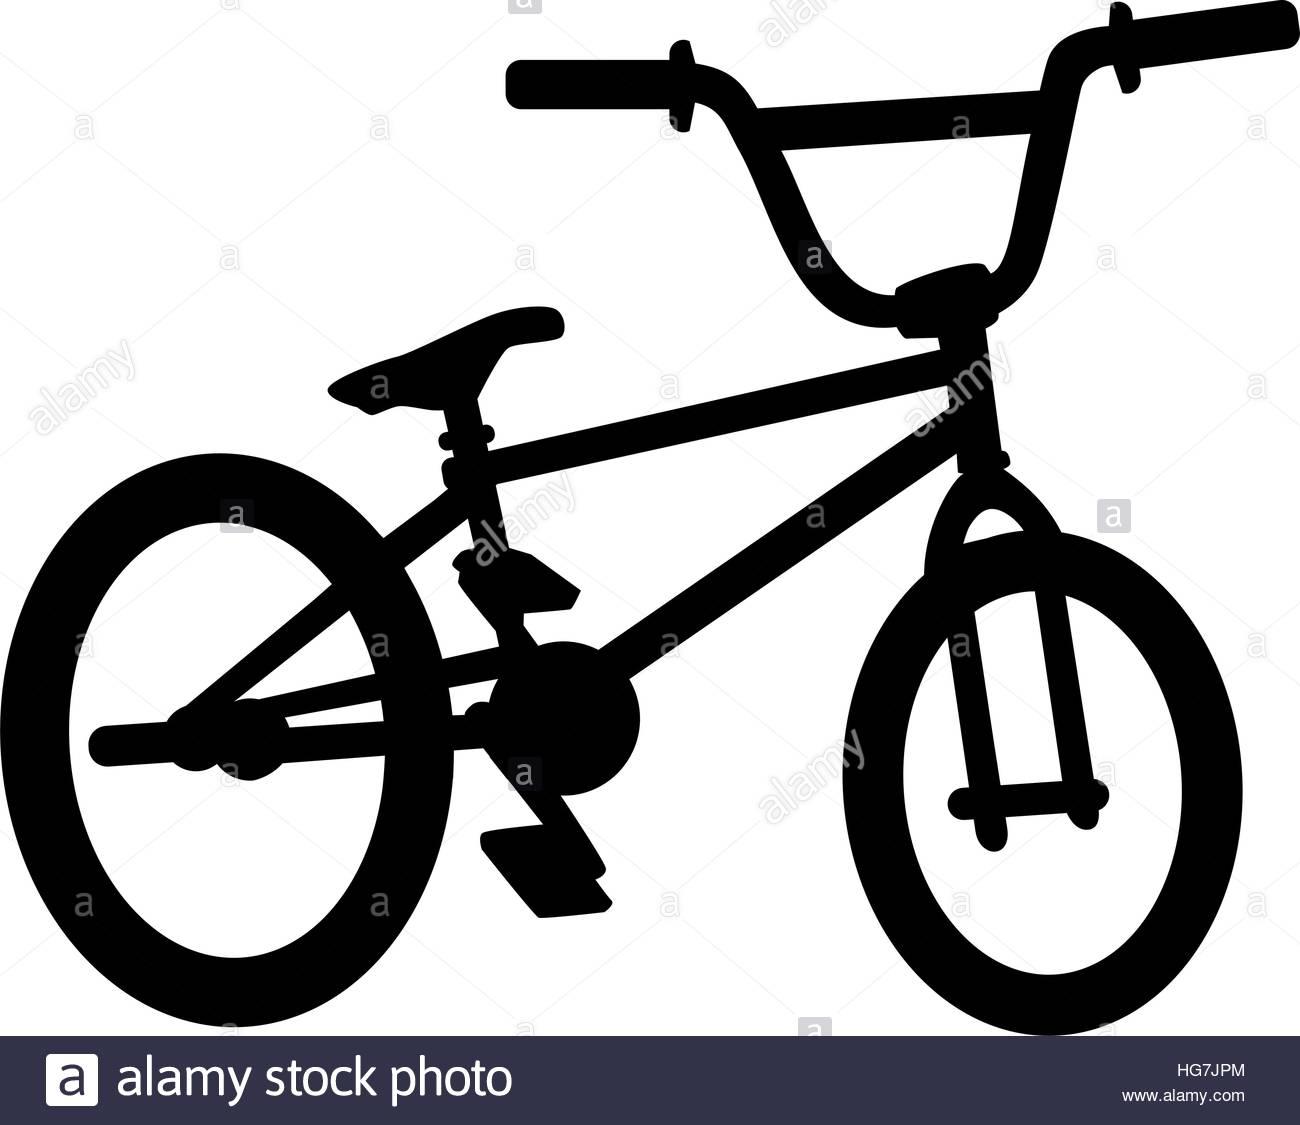 1300x1125 Bmx Bike Silhouette Stock Vector Art Amp Illustration, Vector Image